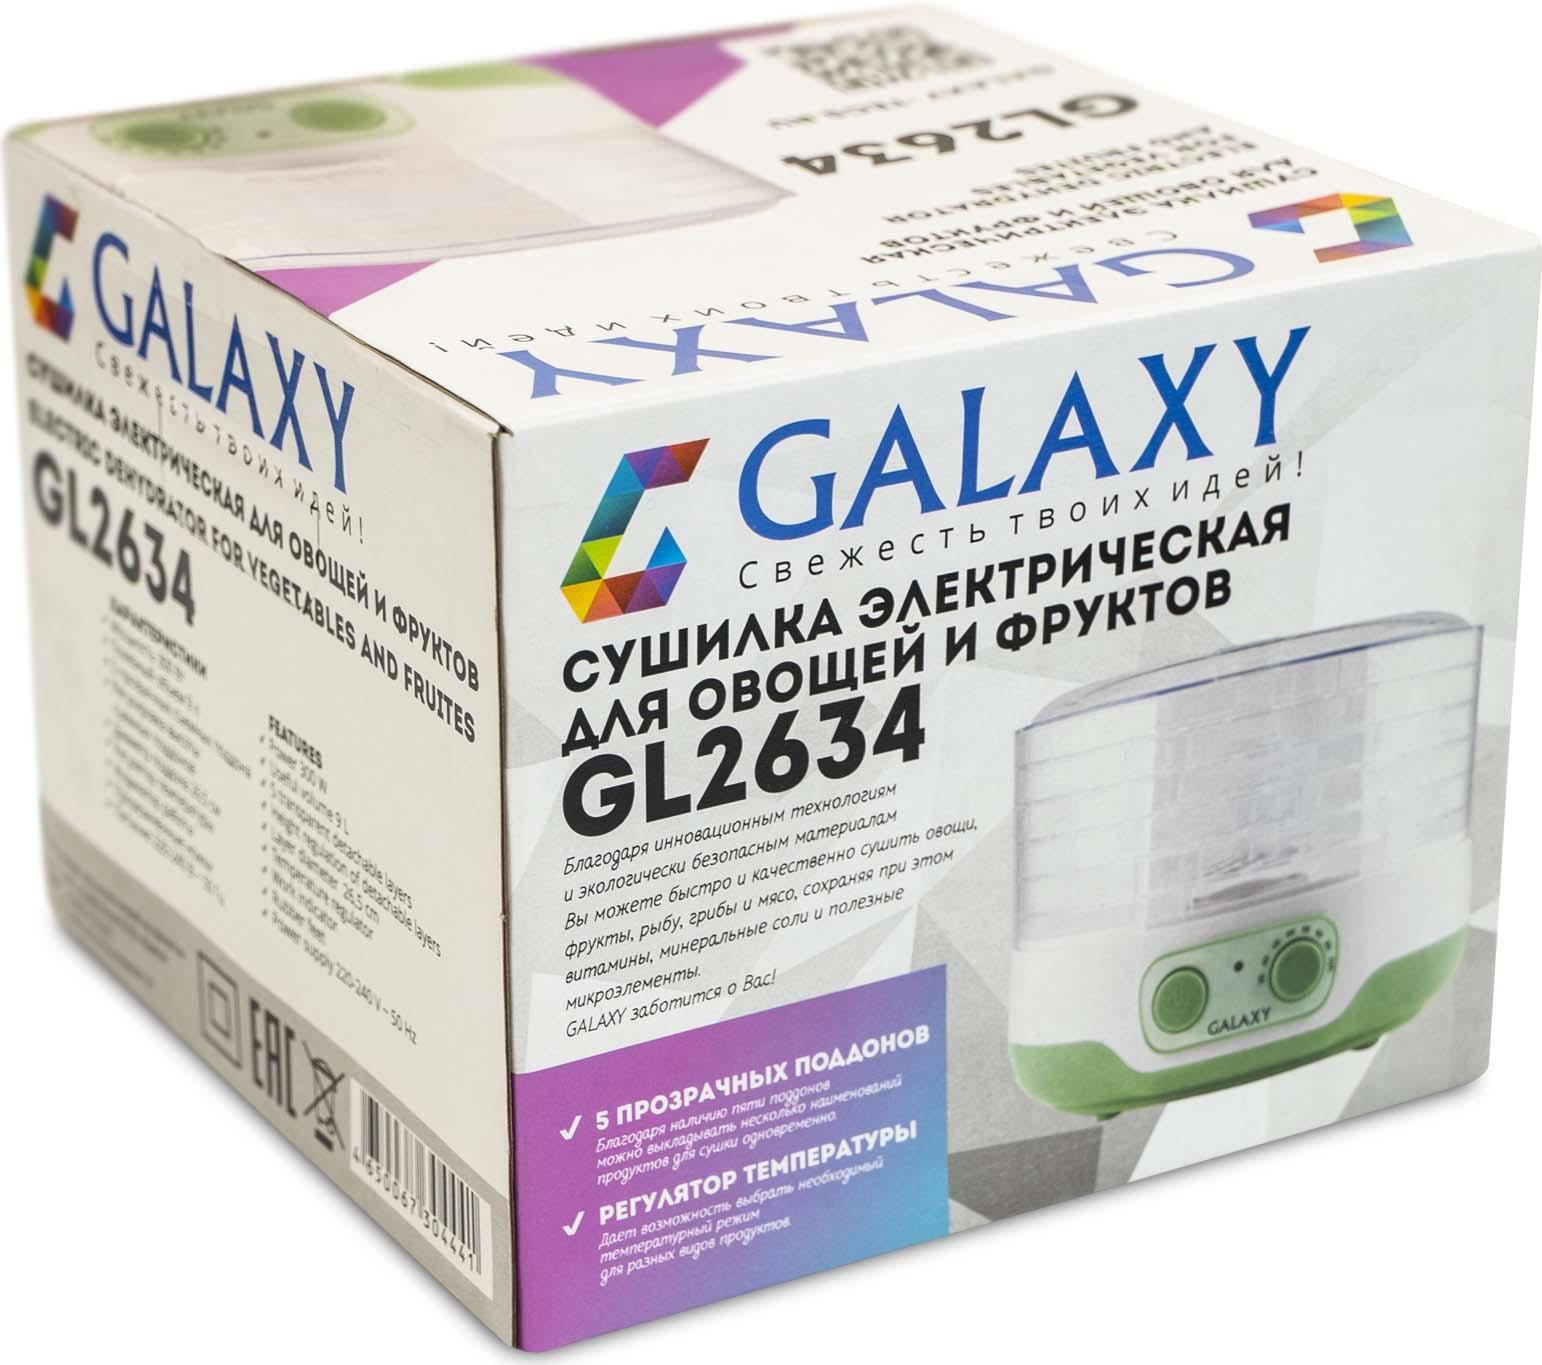 Дегидратор Galaxy GL 2634, цвет: белый, зеленый Galaxy